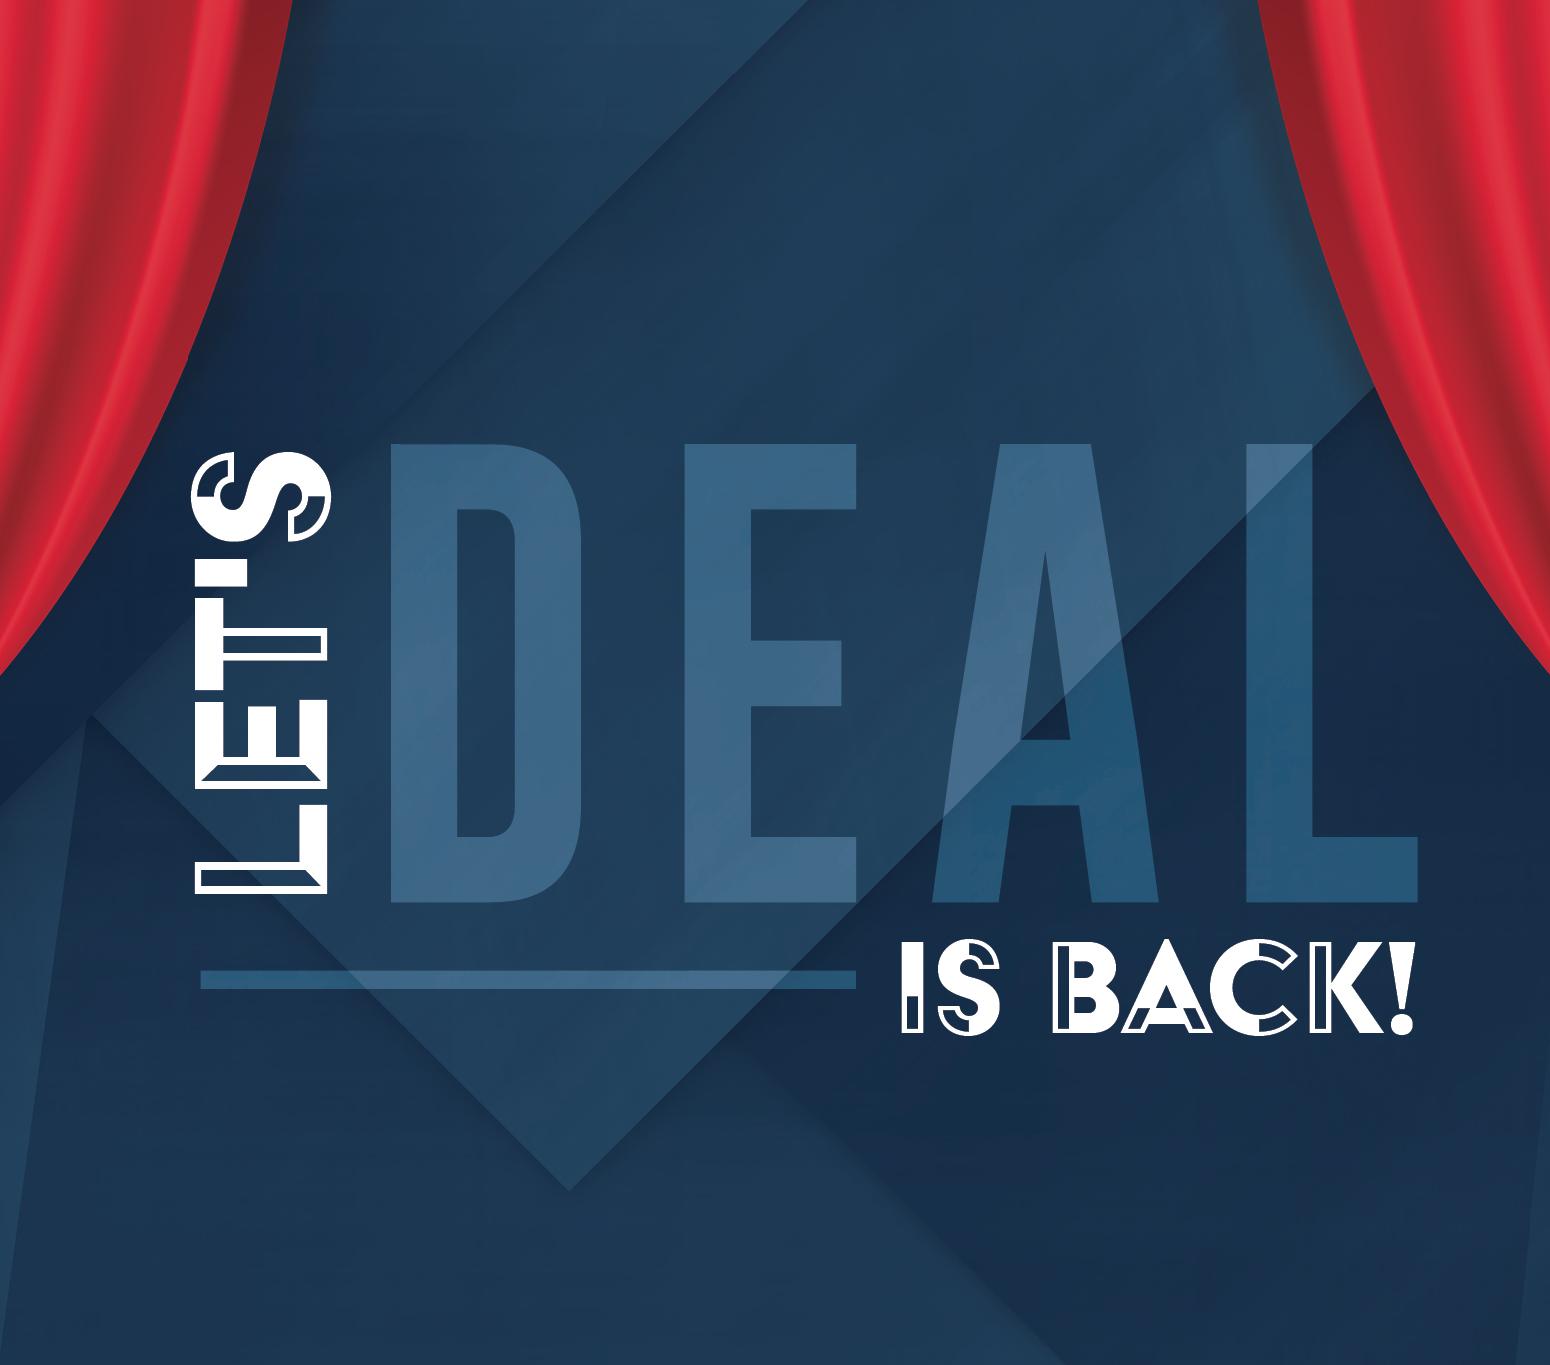 Let's Deal July